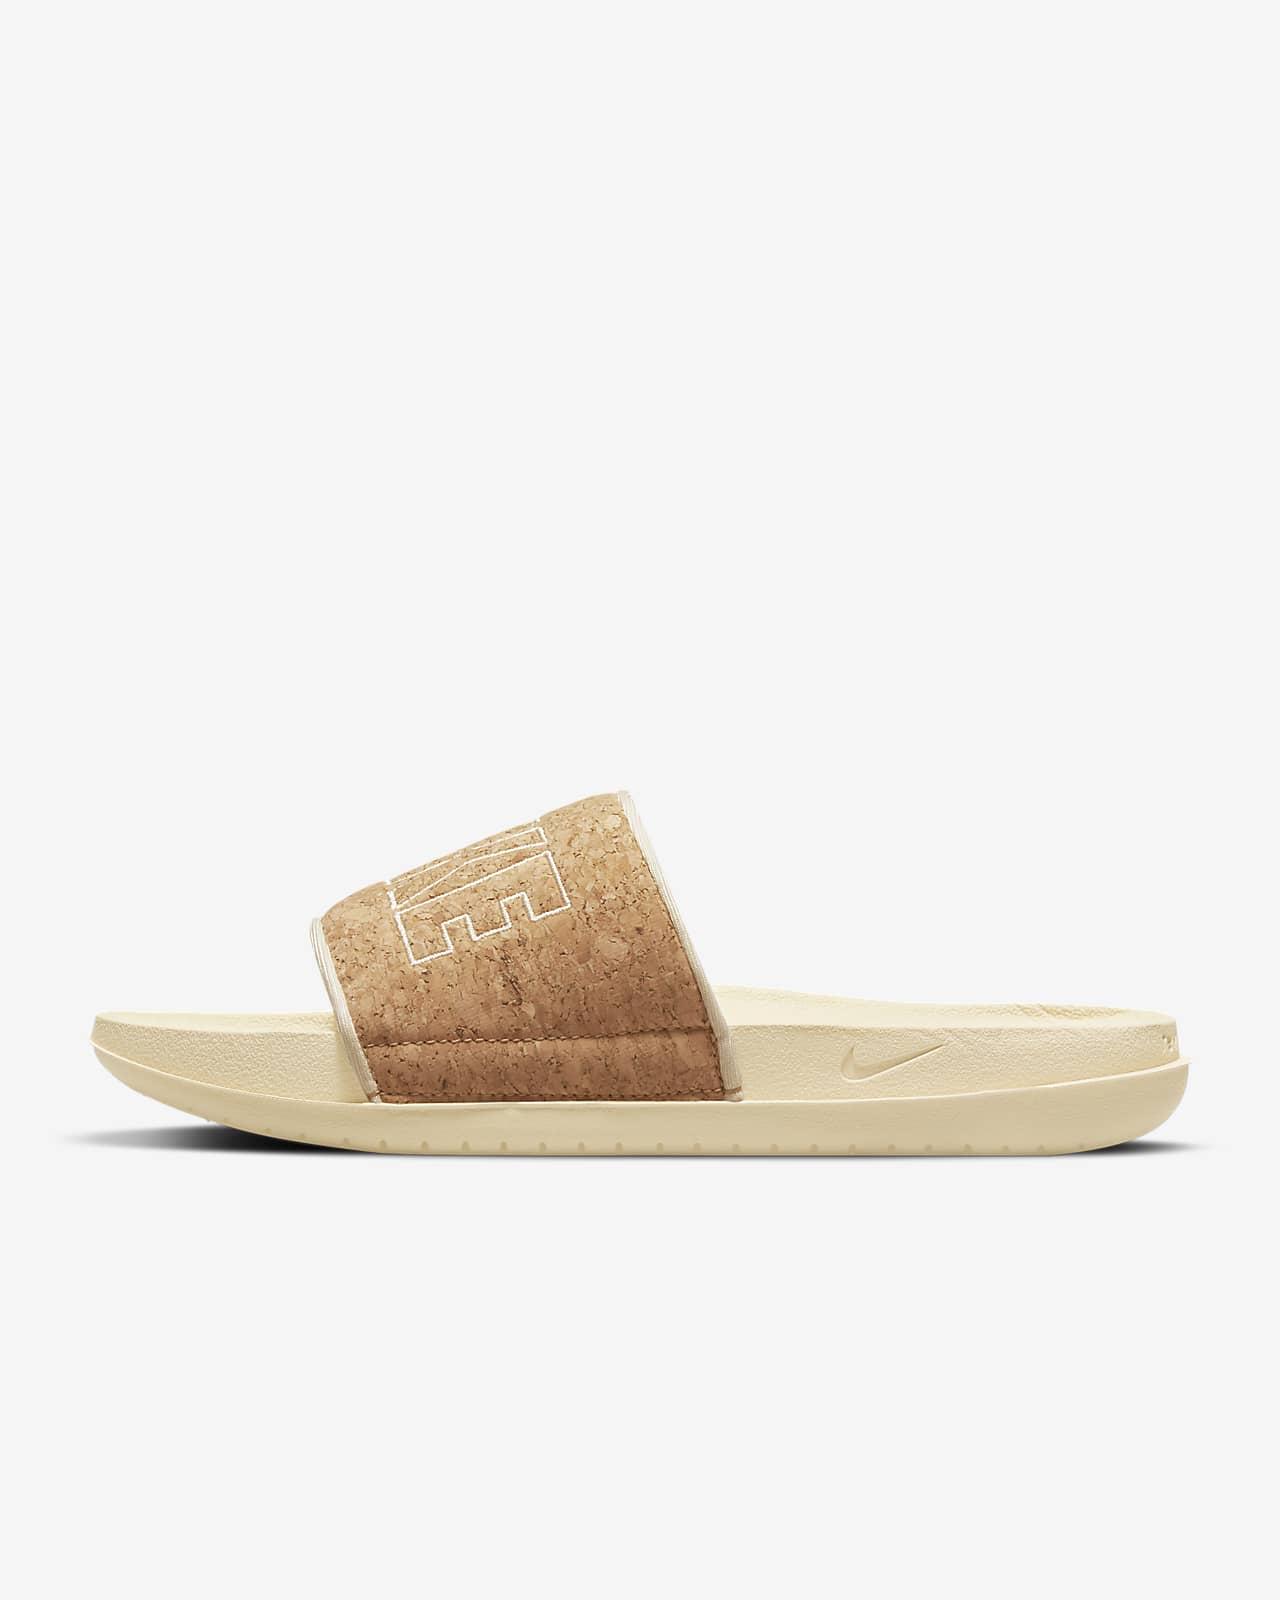 Nike Offcourt Slide SE 女子拖鞋